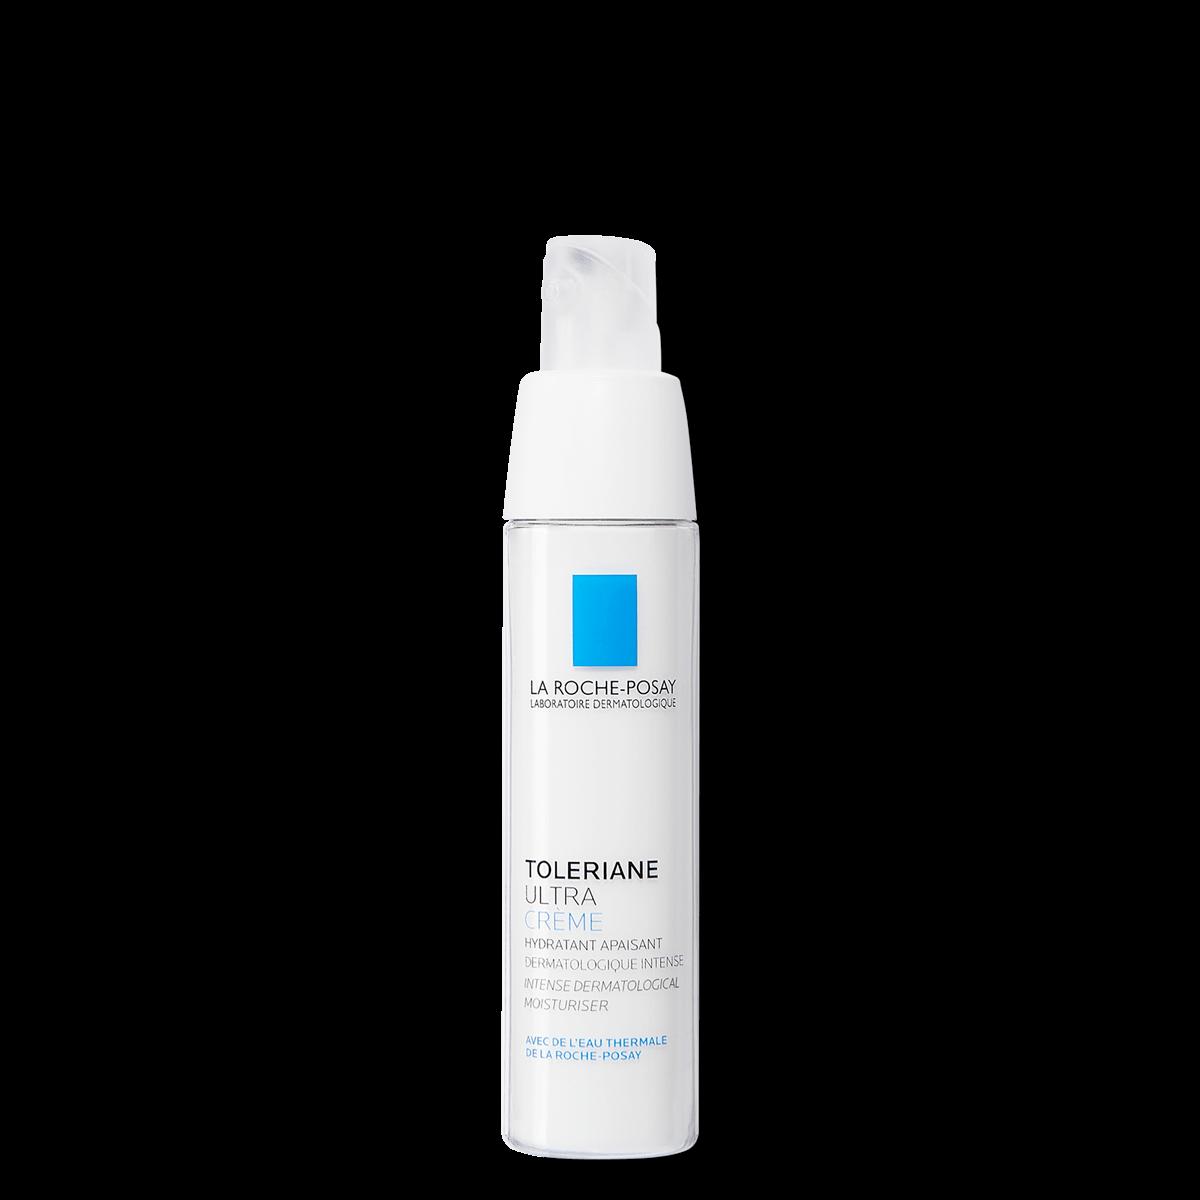 LaRochePosay Termék Allergiára Hajlamos Bőr Toleriane UltraKrém 40ml 3337872412486 FSS 2